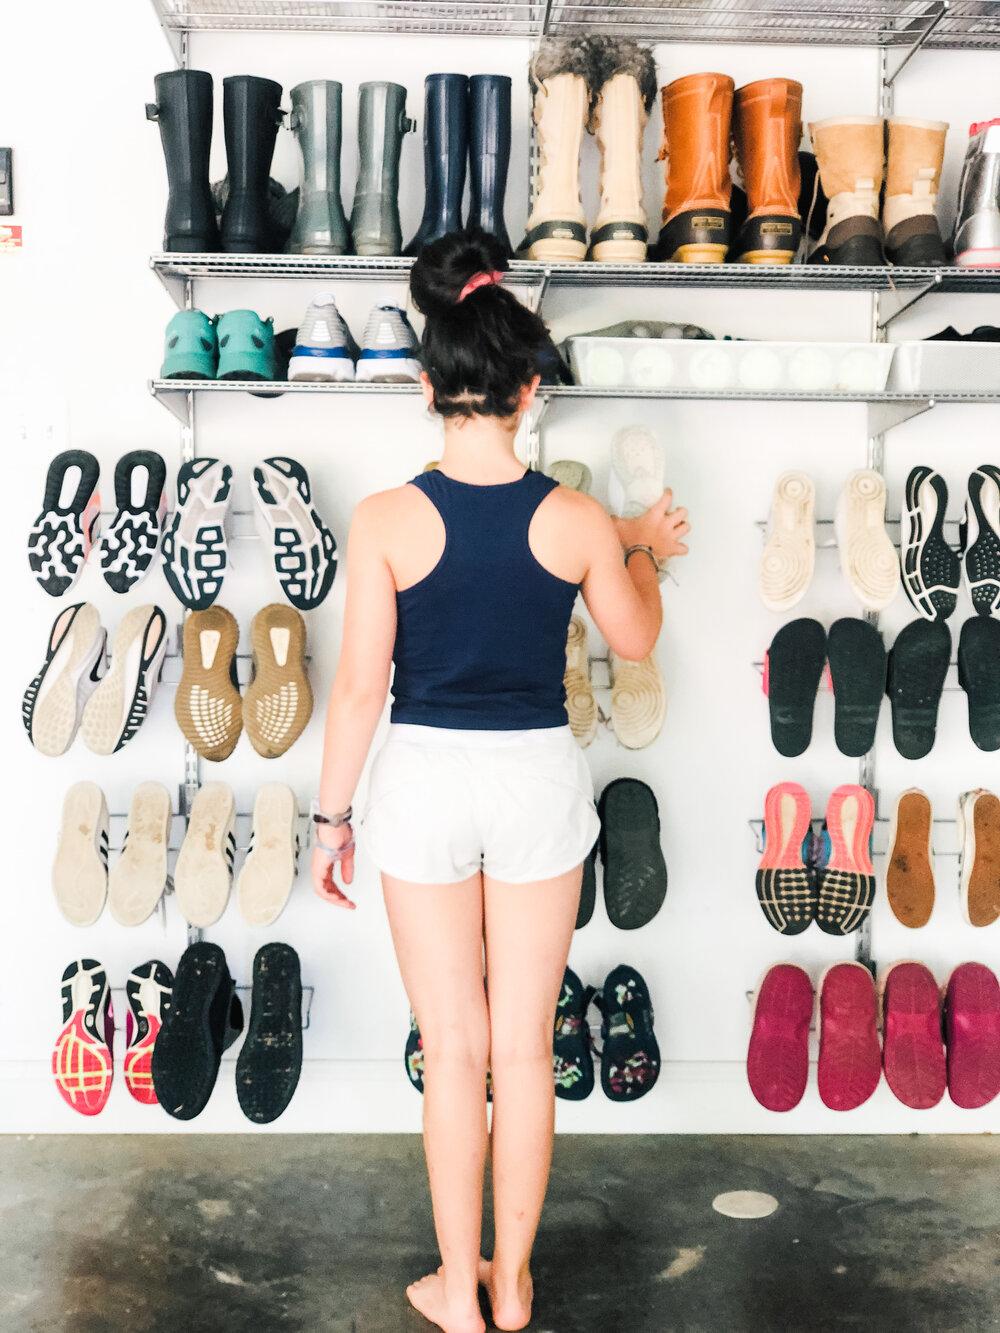 GarageMakeover_ShoeStorage_RachelRosnethal.JPG.JPG